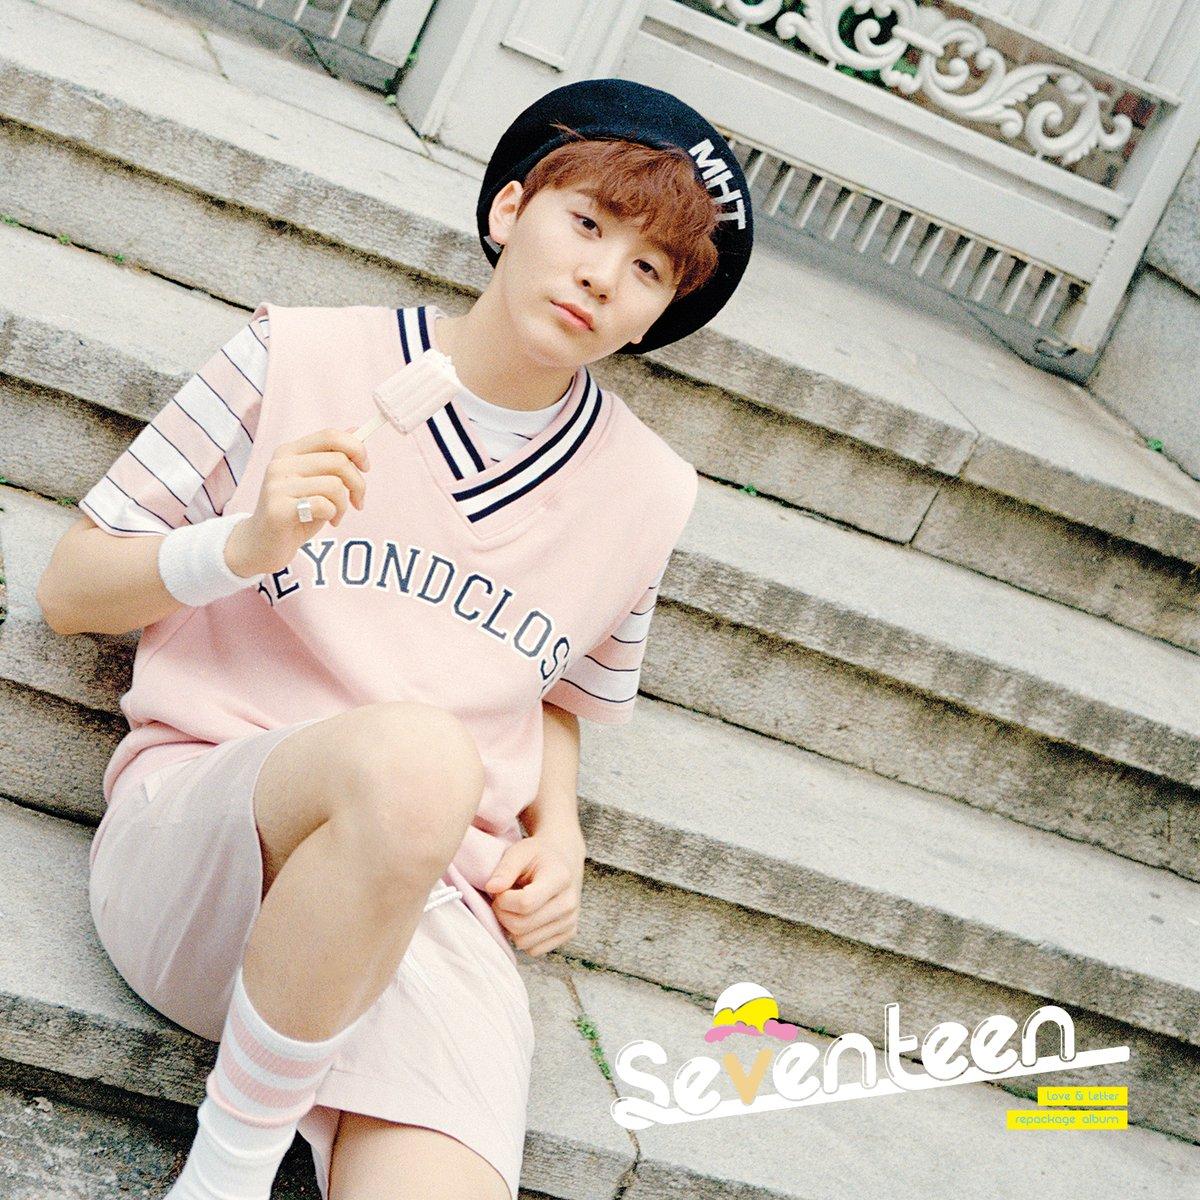 Seventeen Seungkwan Love Letter Very Nice